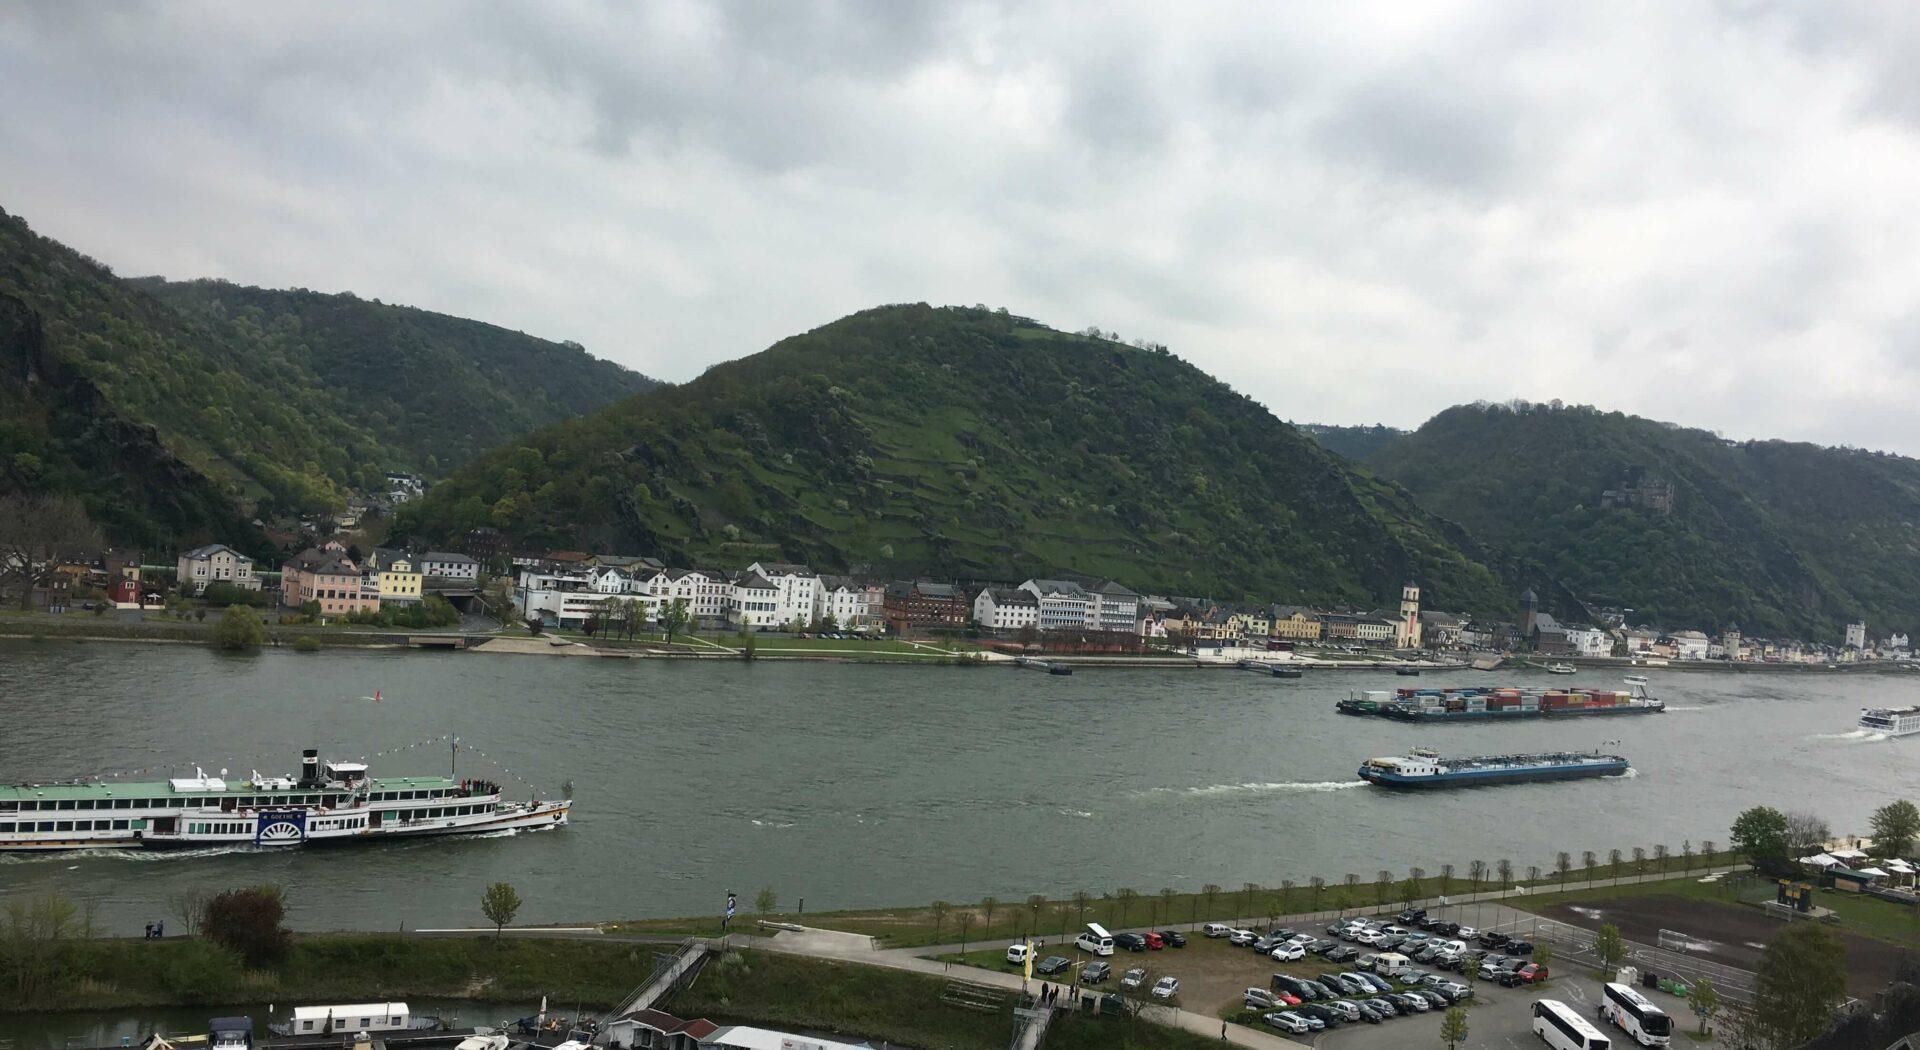 Sankt Goar oversikt over havn og Rhinen